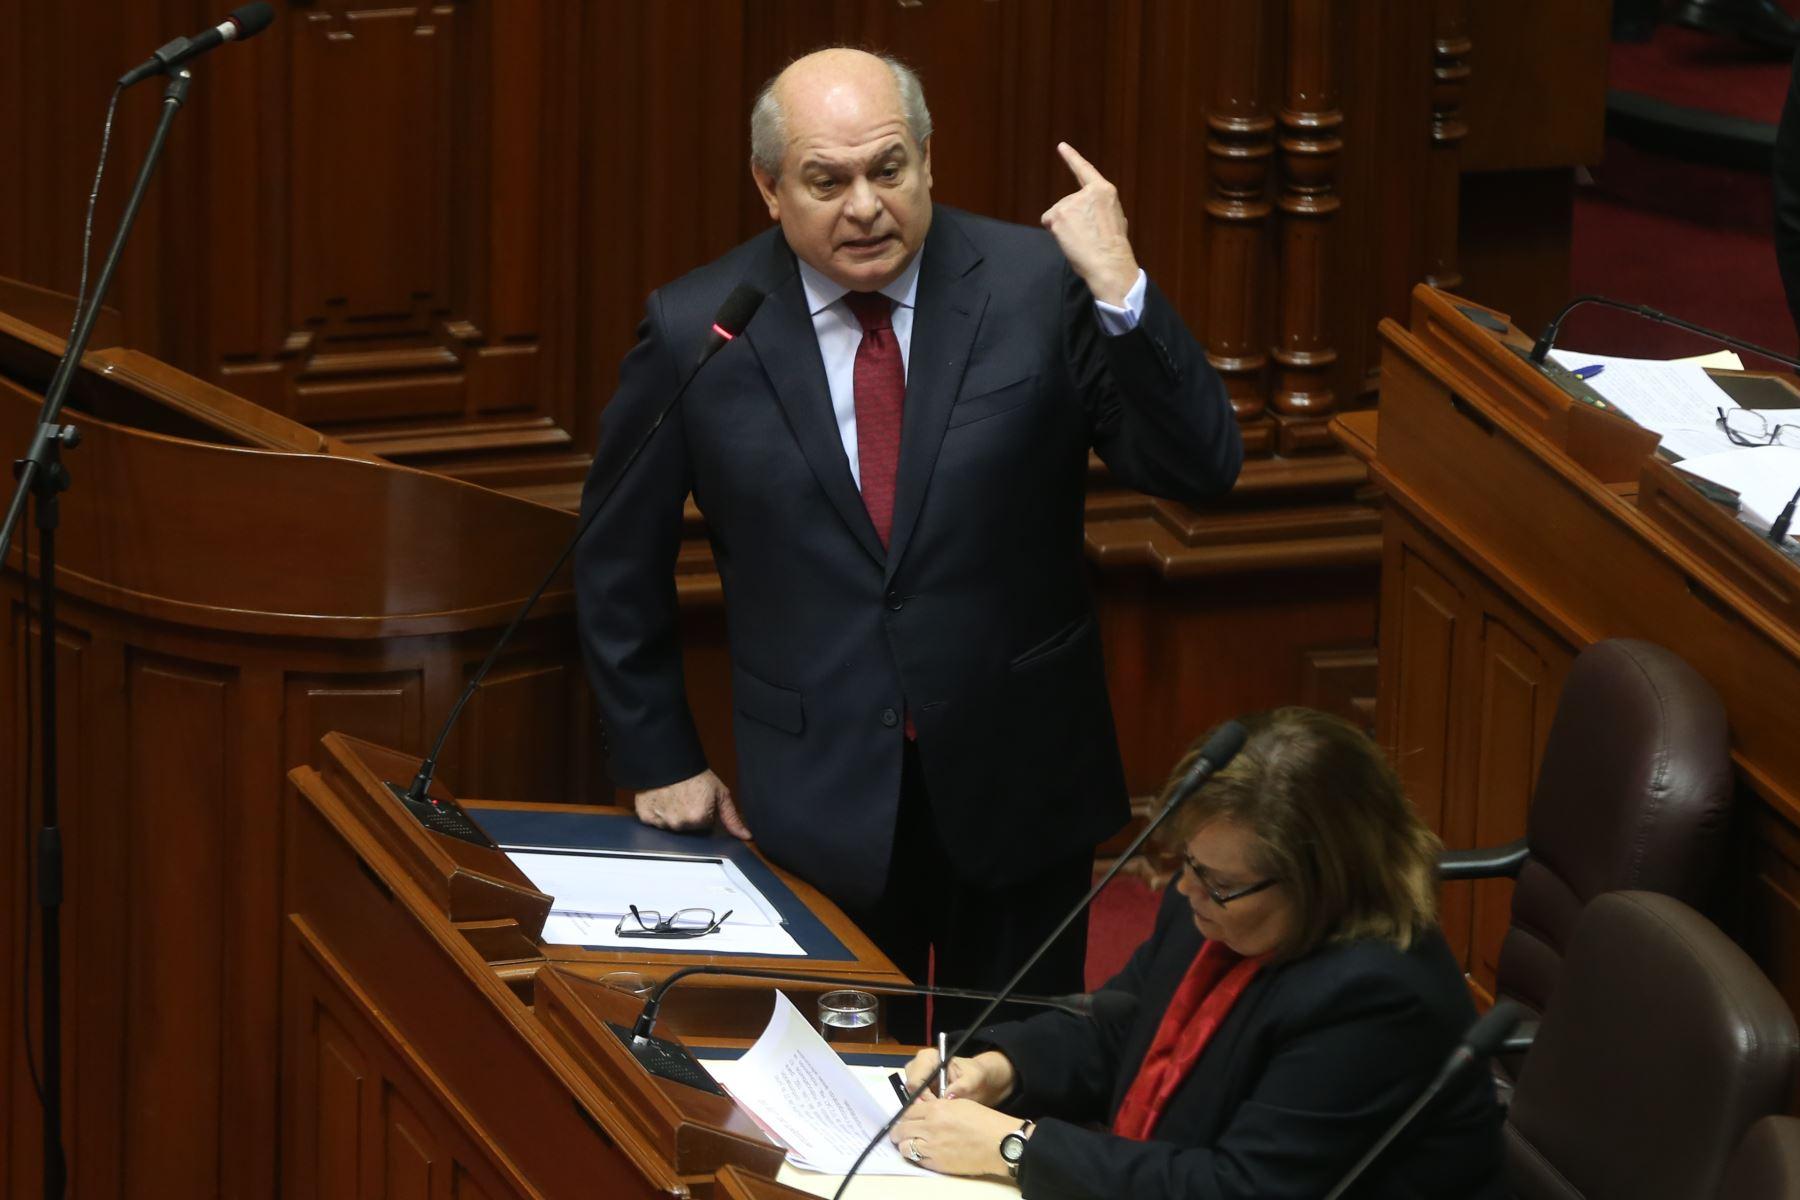 Congreso debate hoy interpelaci n contra jefe del gabinete for Declaraciones del ministro del interior hoy